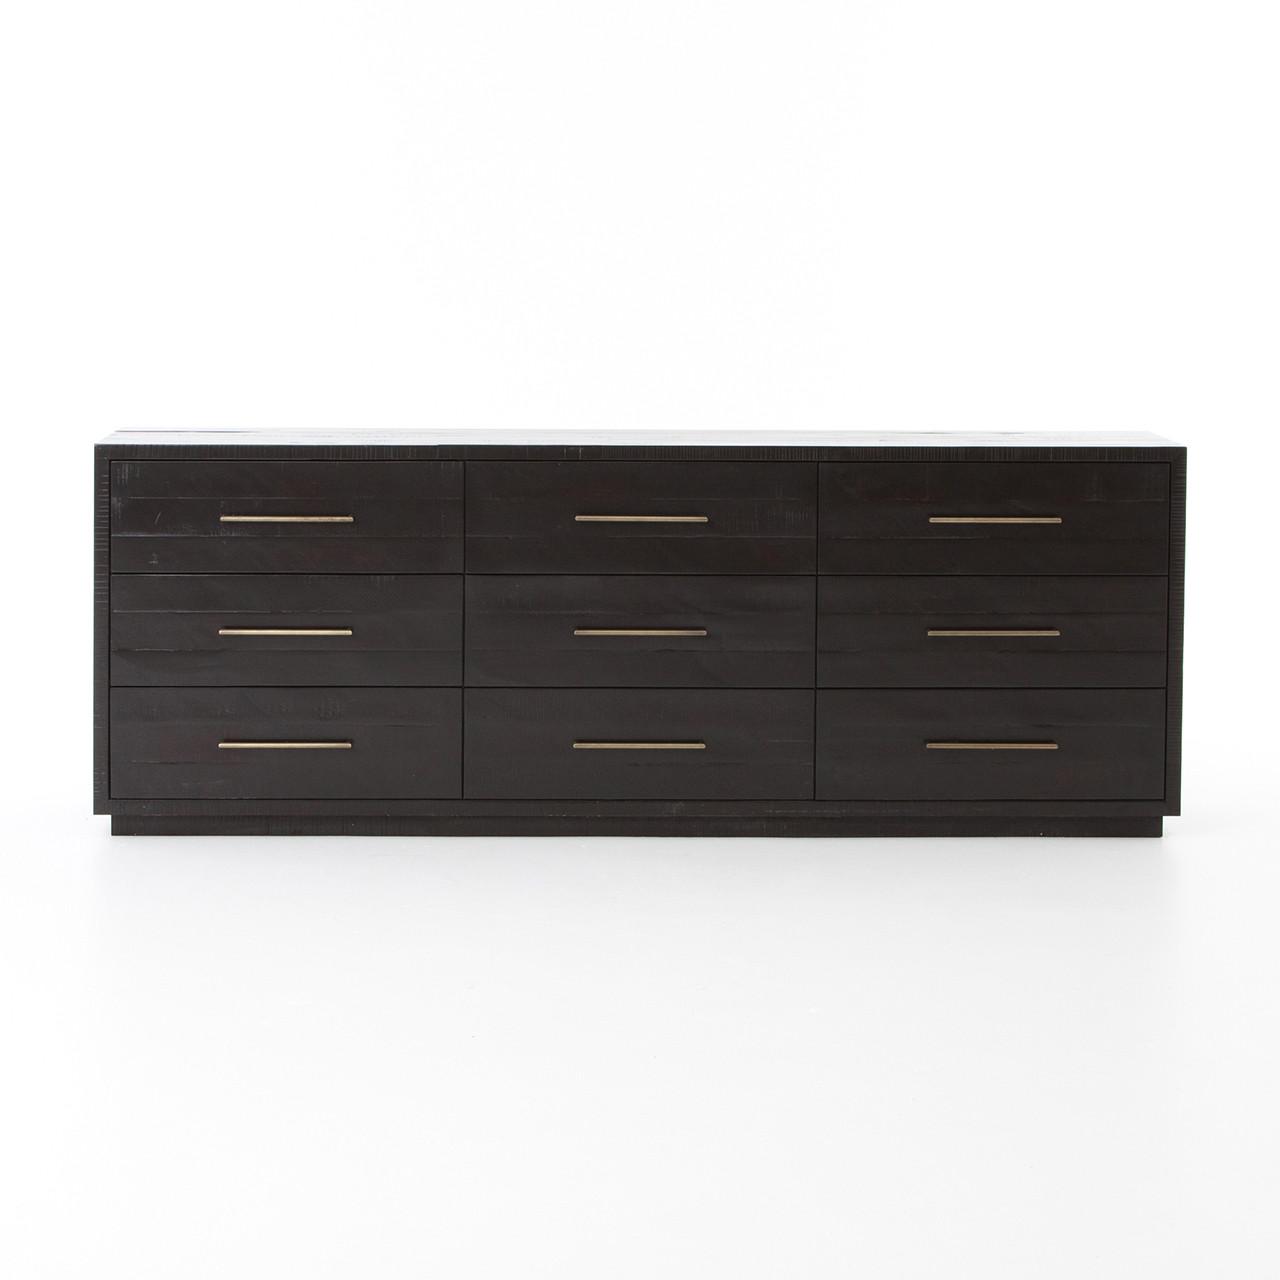 Sully 9 Drawer Dresser - Black